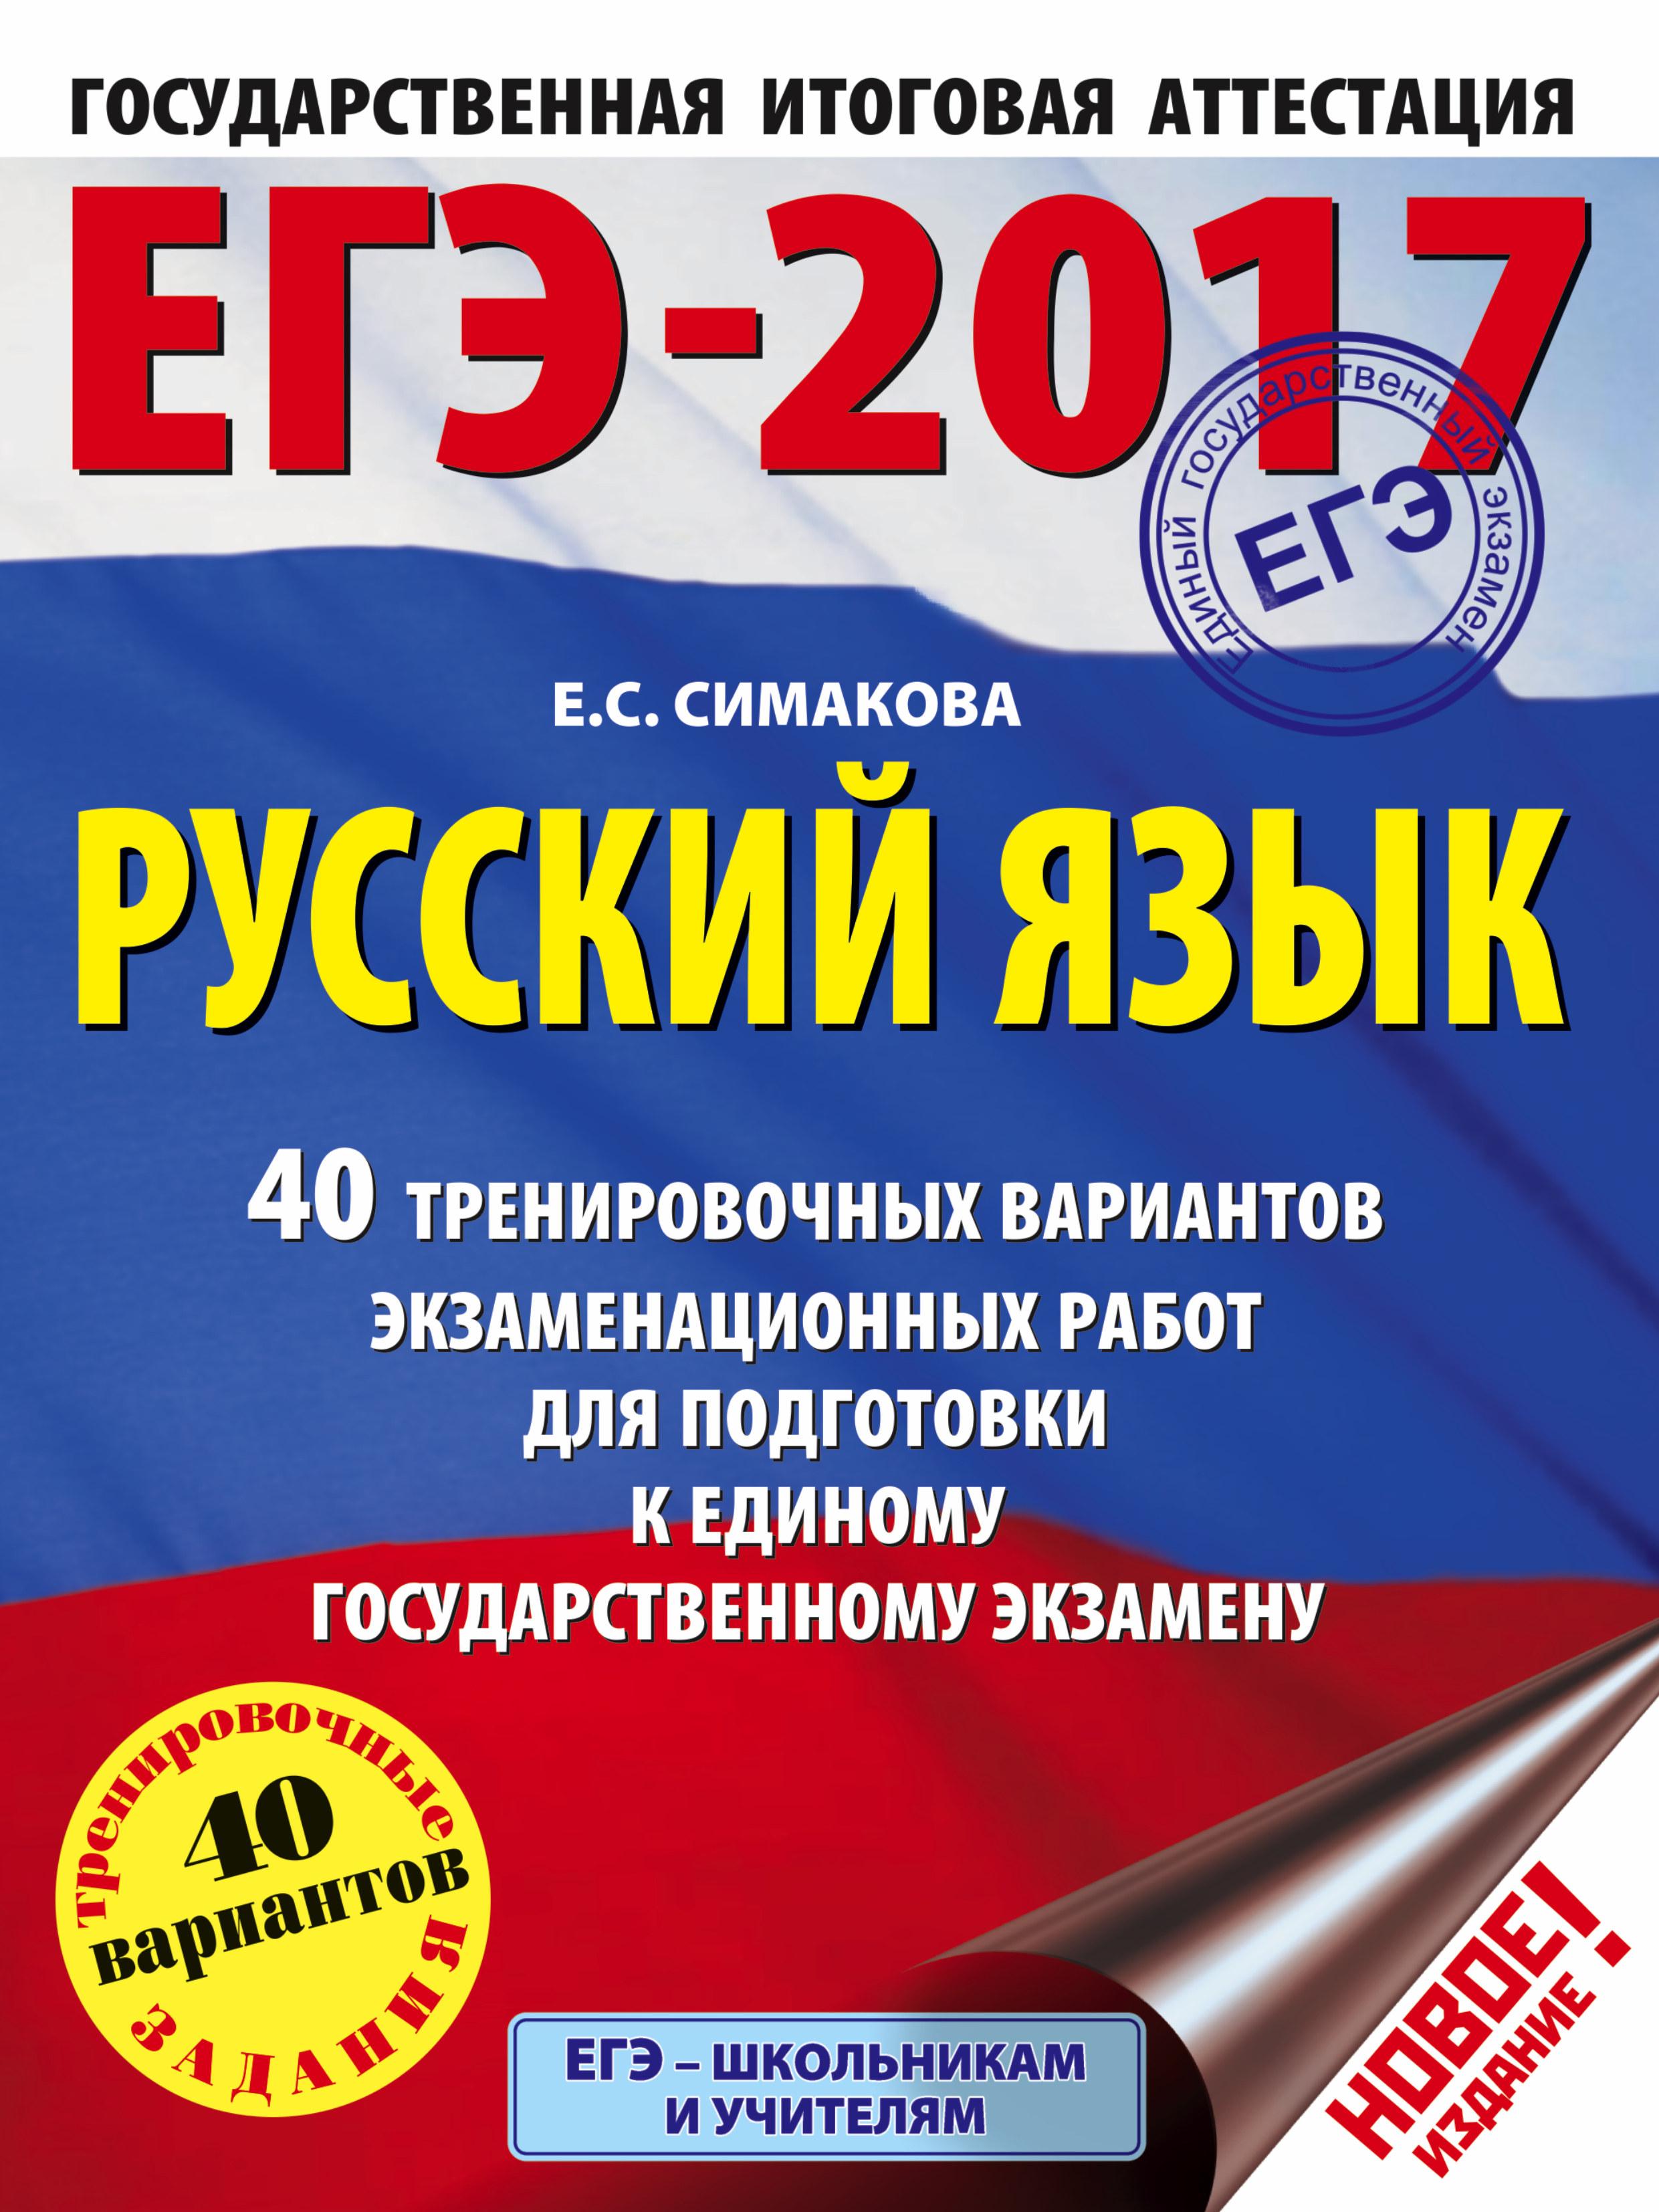 ЕГЭ-2017 по русскому языку